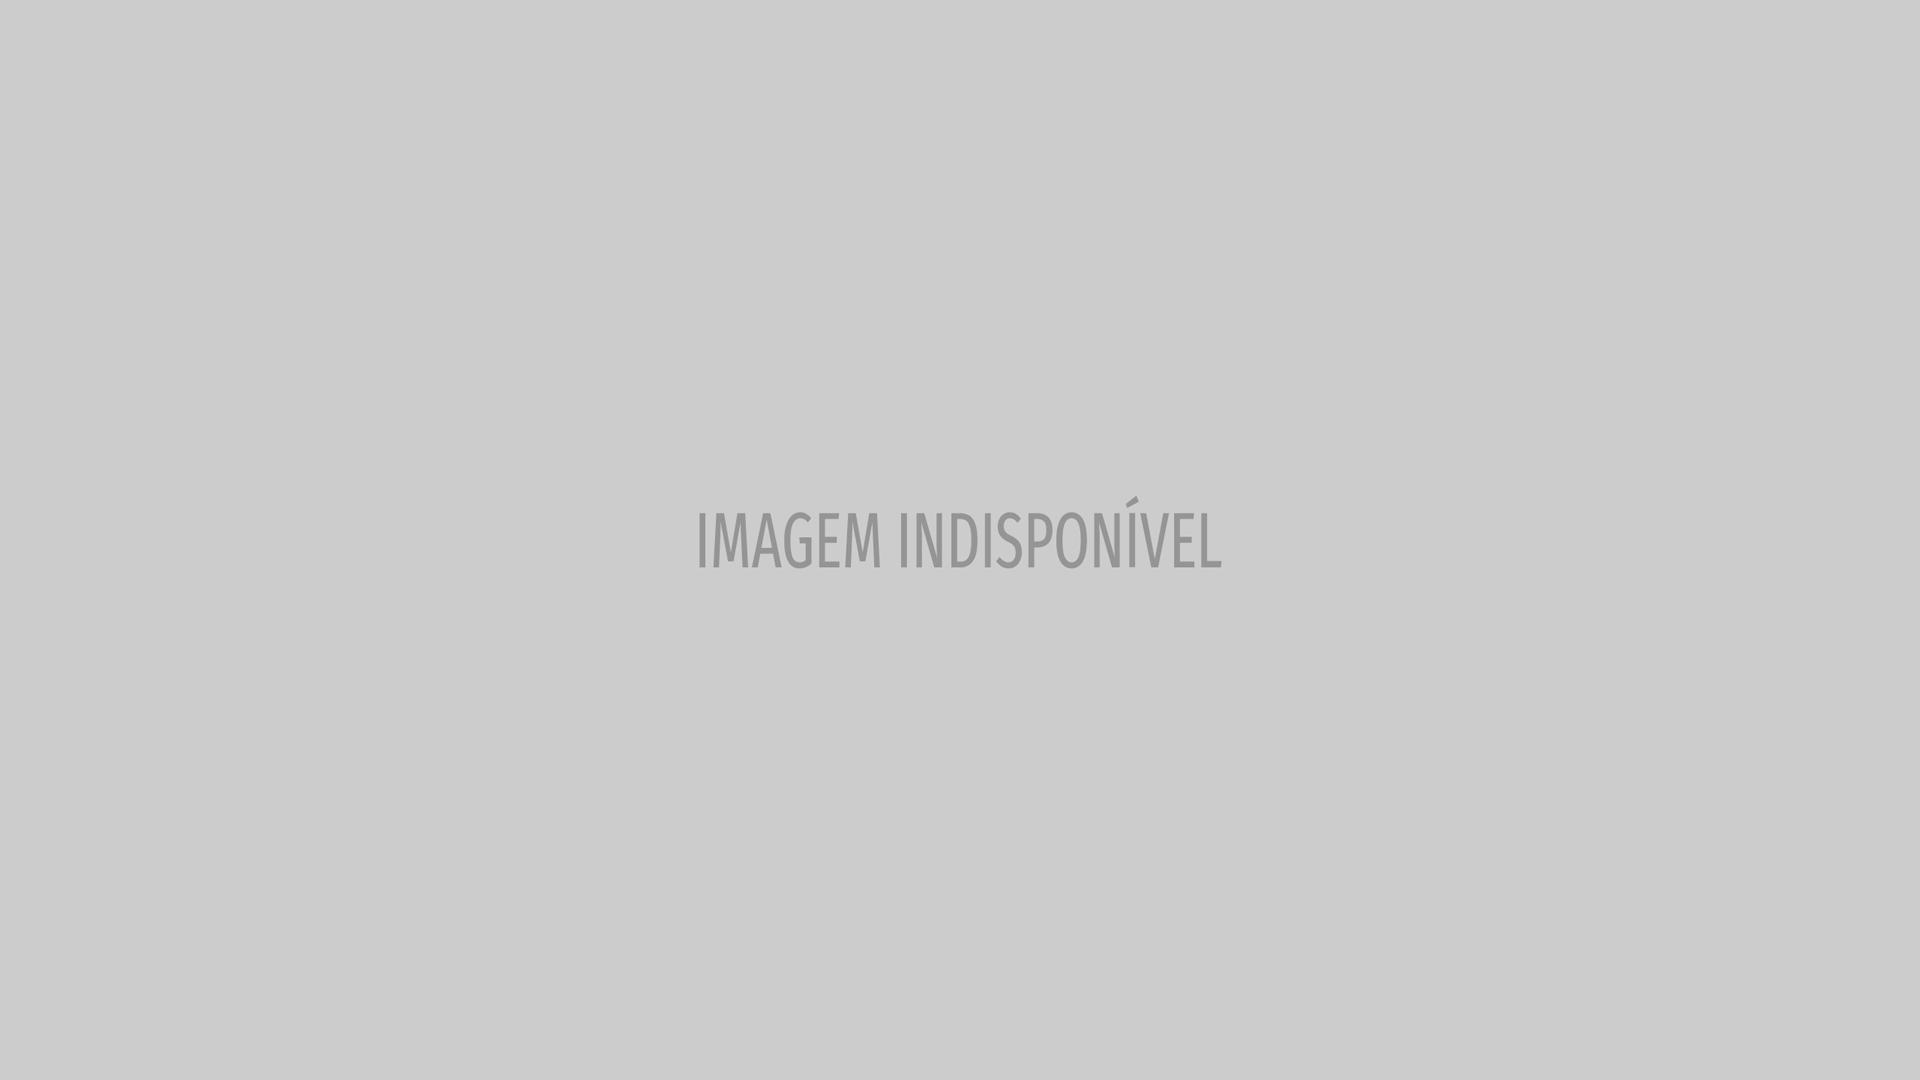 Vídeo impressionante mostra maior onda do ano surfada na Nazaré